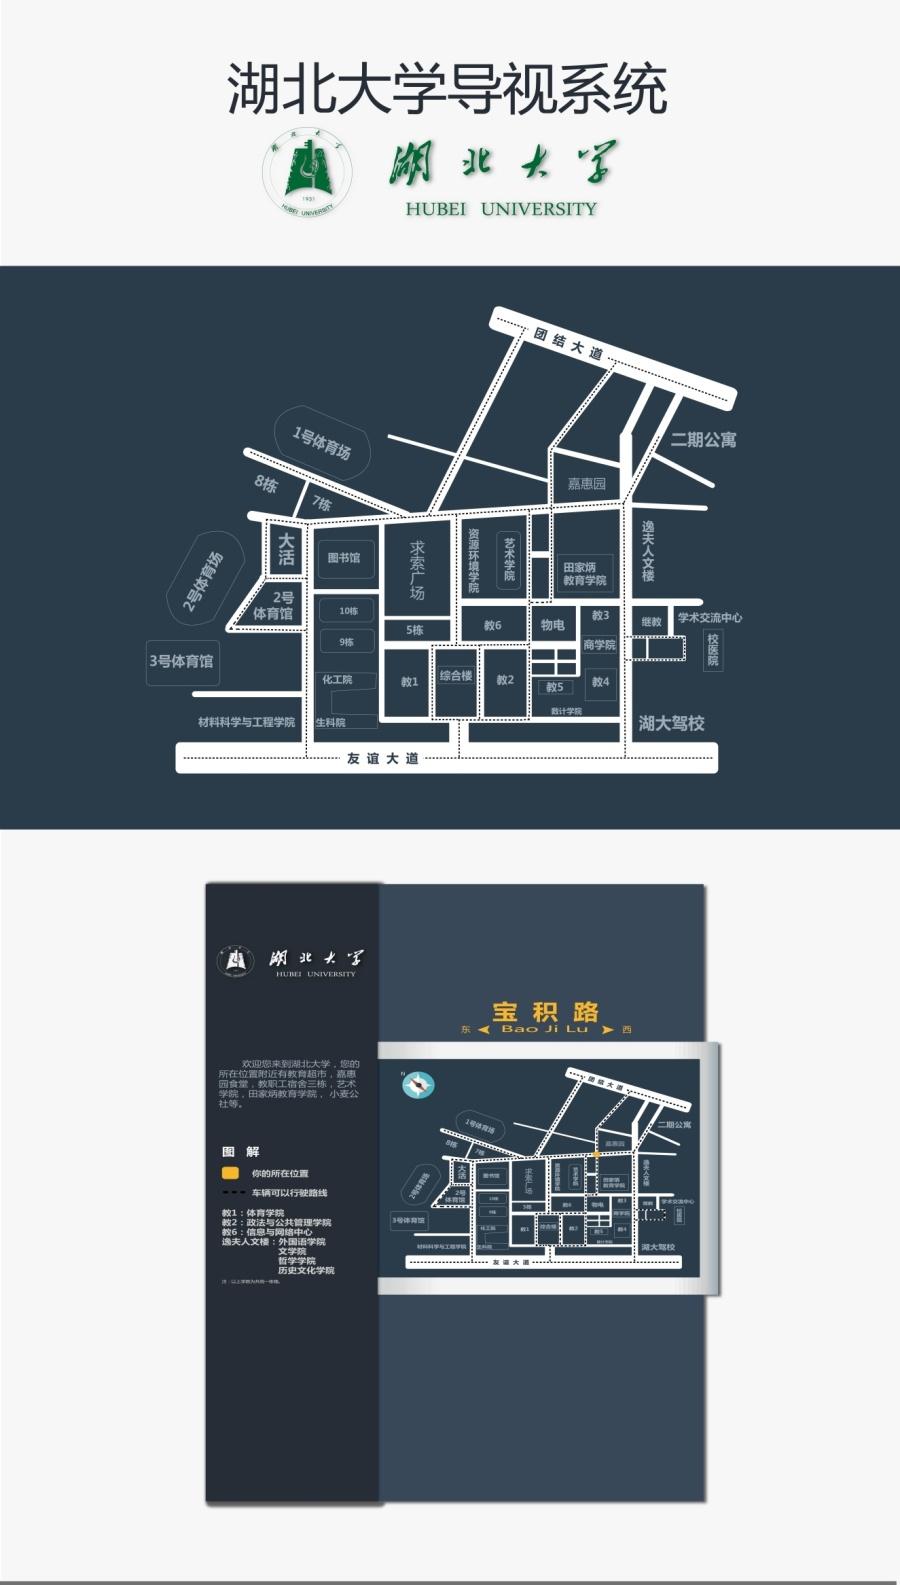 湖北大学导视信息v信息|平面图|系统|jenny要绘制一幅能反映图片